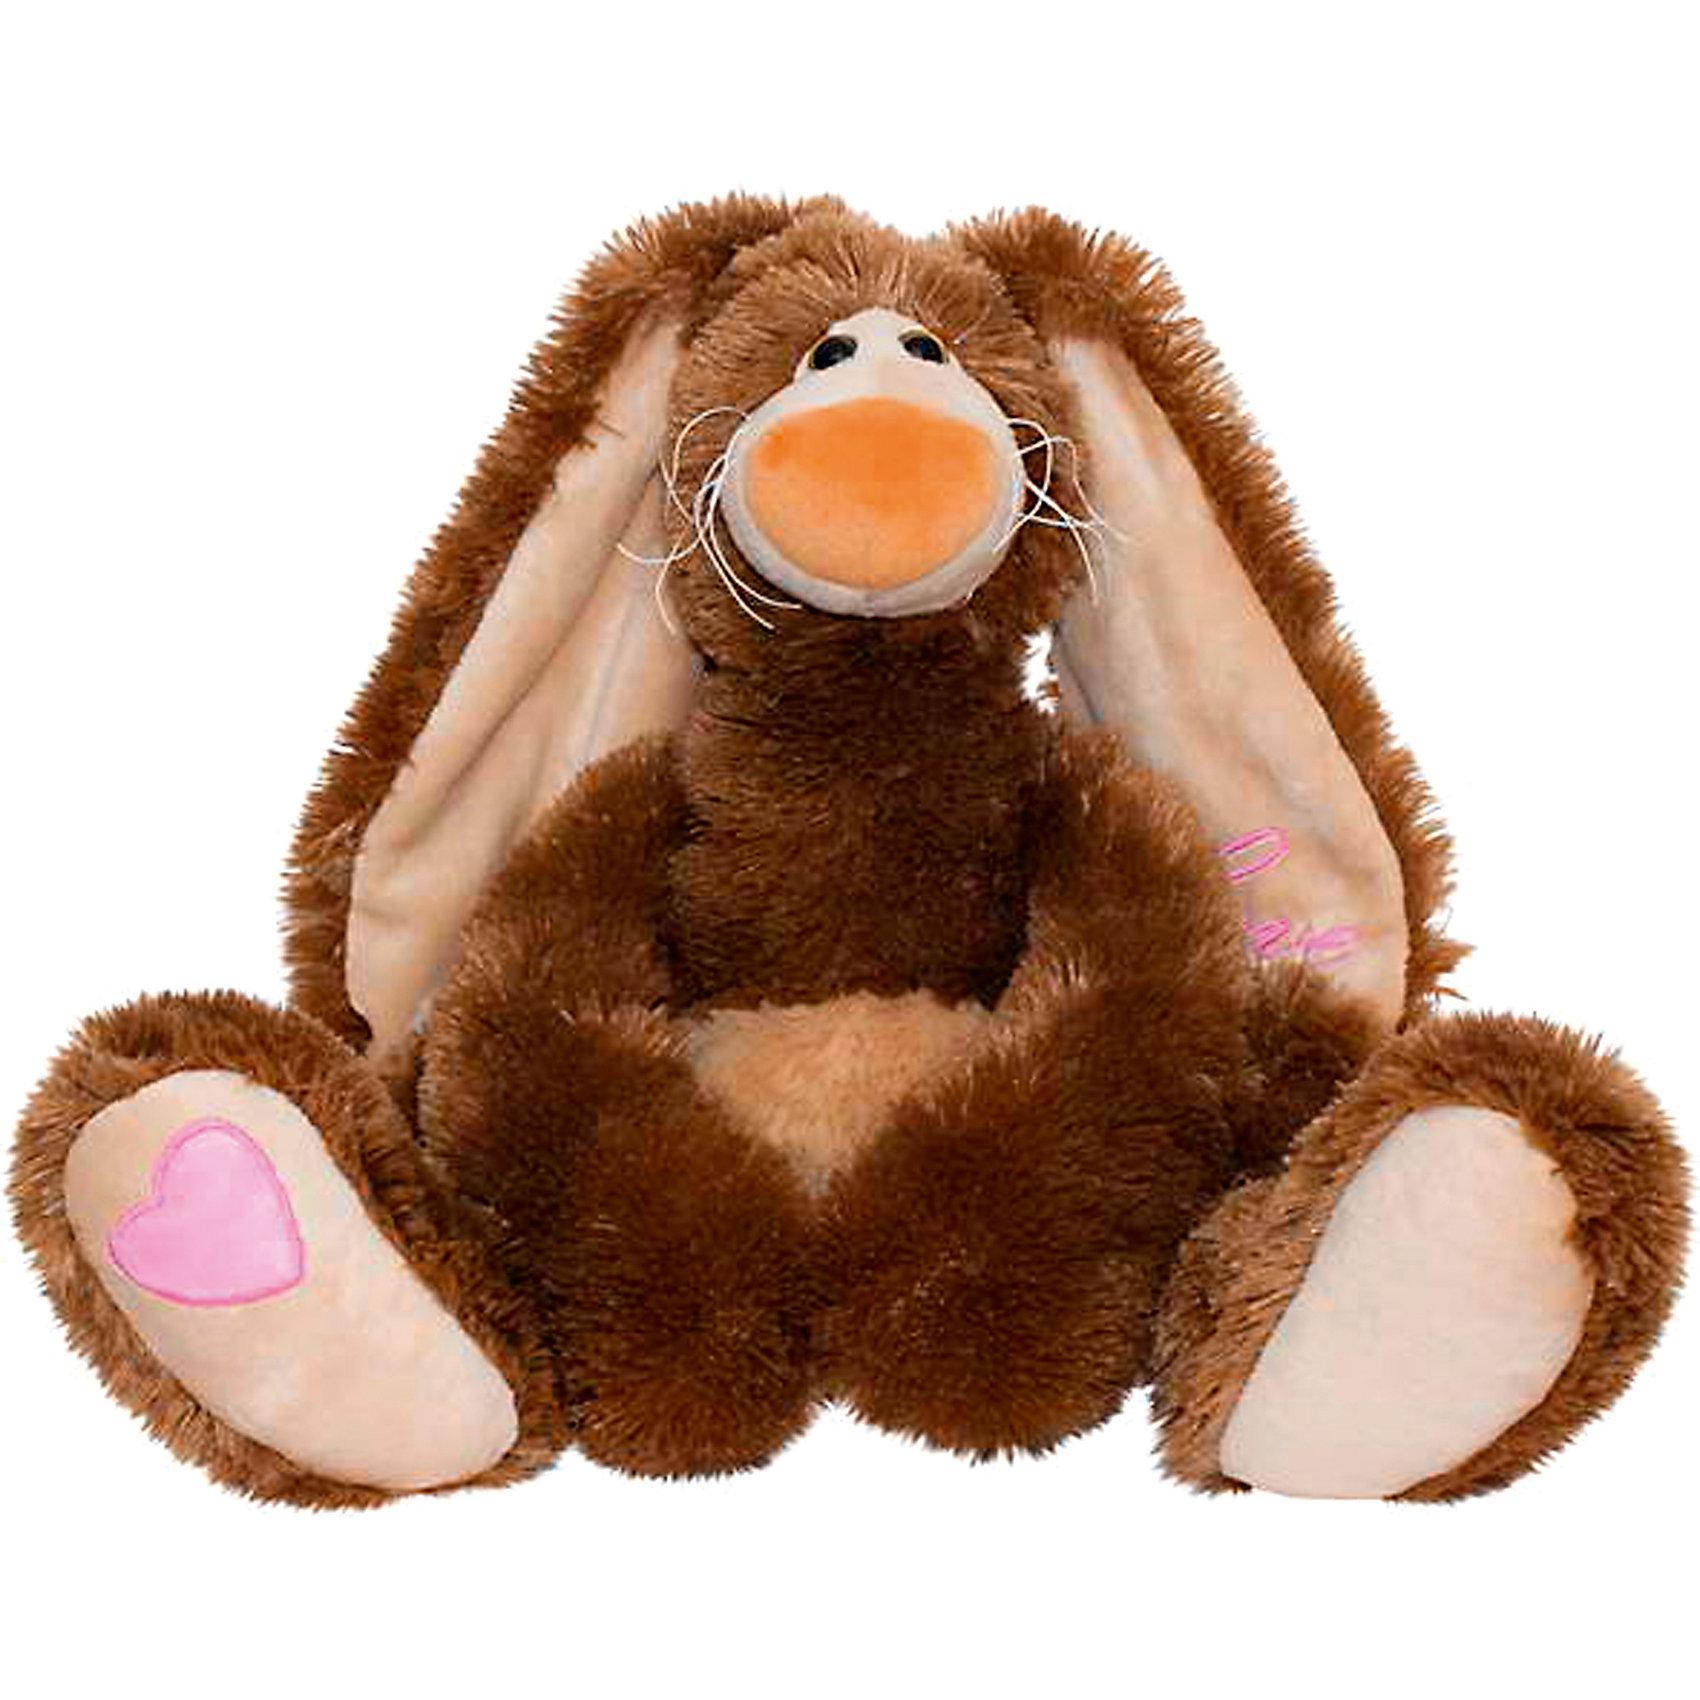 Мягкая игрушка Зайчик Счастливчик, FancyЗайцы и кролики<br>Мягкая игрушка Зайчик Счастливчик, Fancy<br><br>Характеристики игрушки:<br>- Состав: текстиль<br>- Размер: 30 см. <br><br>Мягкая игрушка Зайчик Счастливчик от популярного бренда мягких игрушек Fancy (Фэнси) станет отличным другом малыша. Зайчик изготовлен из безопасных материалов, не содержит мелких деталей и подходит детям от трех лет. Мягкие оттенки коричневого добавят уюта, а большие длинные лапки так и хотят обнять. Длинные пушистые ушки приятные и мягкие на ощупь. Зайчик Счастливчик поможет развить воображение, навыки общения, моторику рук, а также тактильное и цветовое восприятие.   <br><br>Мягкую игрушку Зайчик Счастливчик, Fancy (Фэнси) можно купить в нашем интернет-магазине.<br>Подробнее:<br>• Для детей в возрасте: от 3 до 8 лет <br>• Номер товара: 4322154<br>Страна производитель: Китай<br><br>Ширина мм: 280<br>Глубина мм: 300<br>Высота мм: 280<br>Вес г: 520<br>Возраст от месяцев: 36<br>Возраст до месяцев: 96<br>Пол: Унисекс<br>Возраст: Детский<br>SKU: 4322154